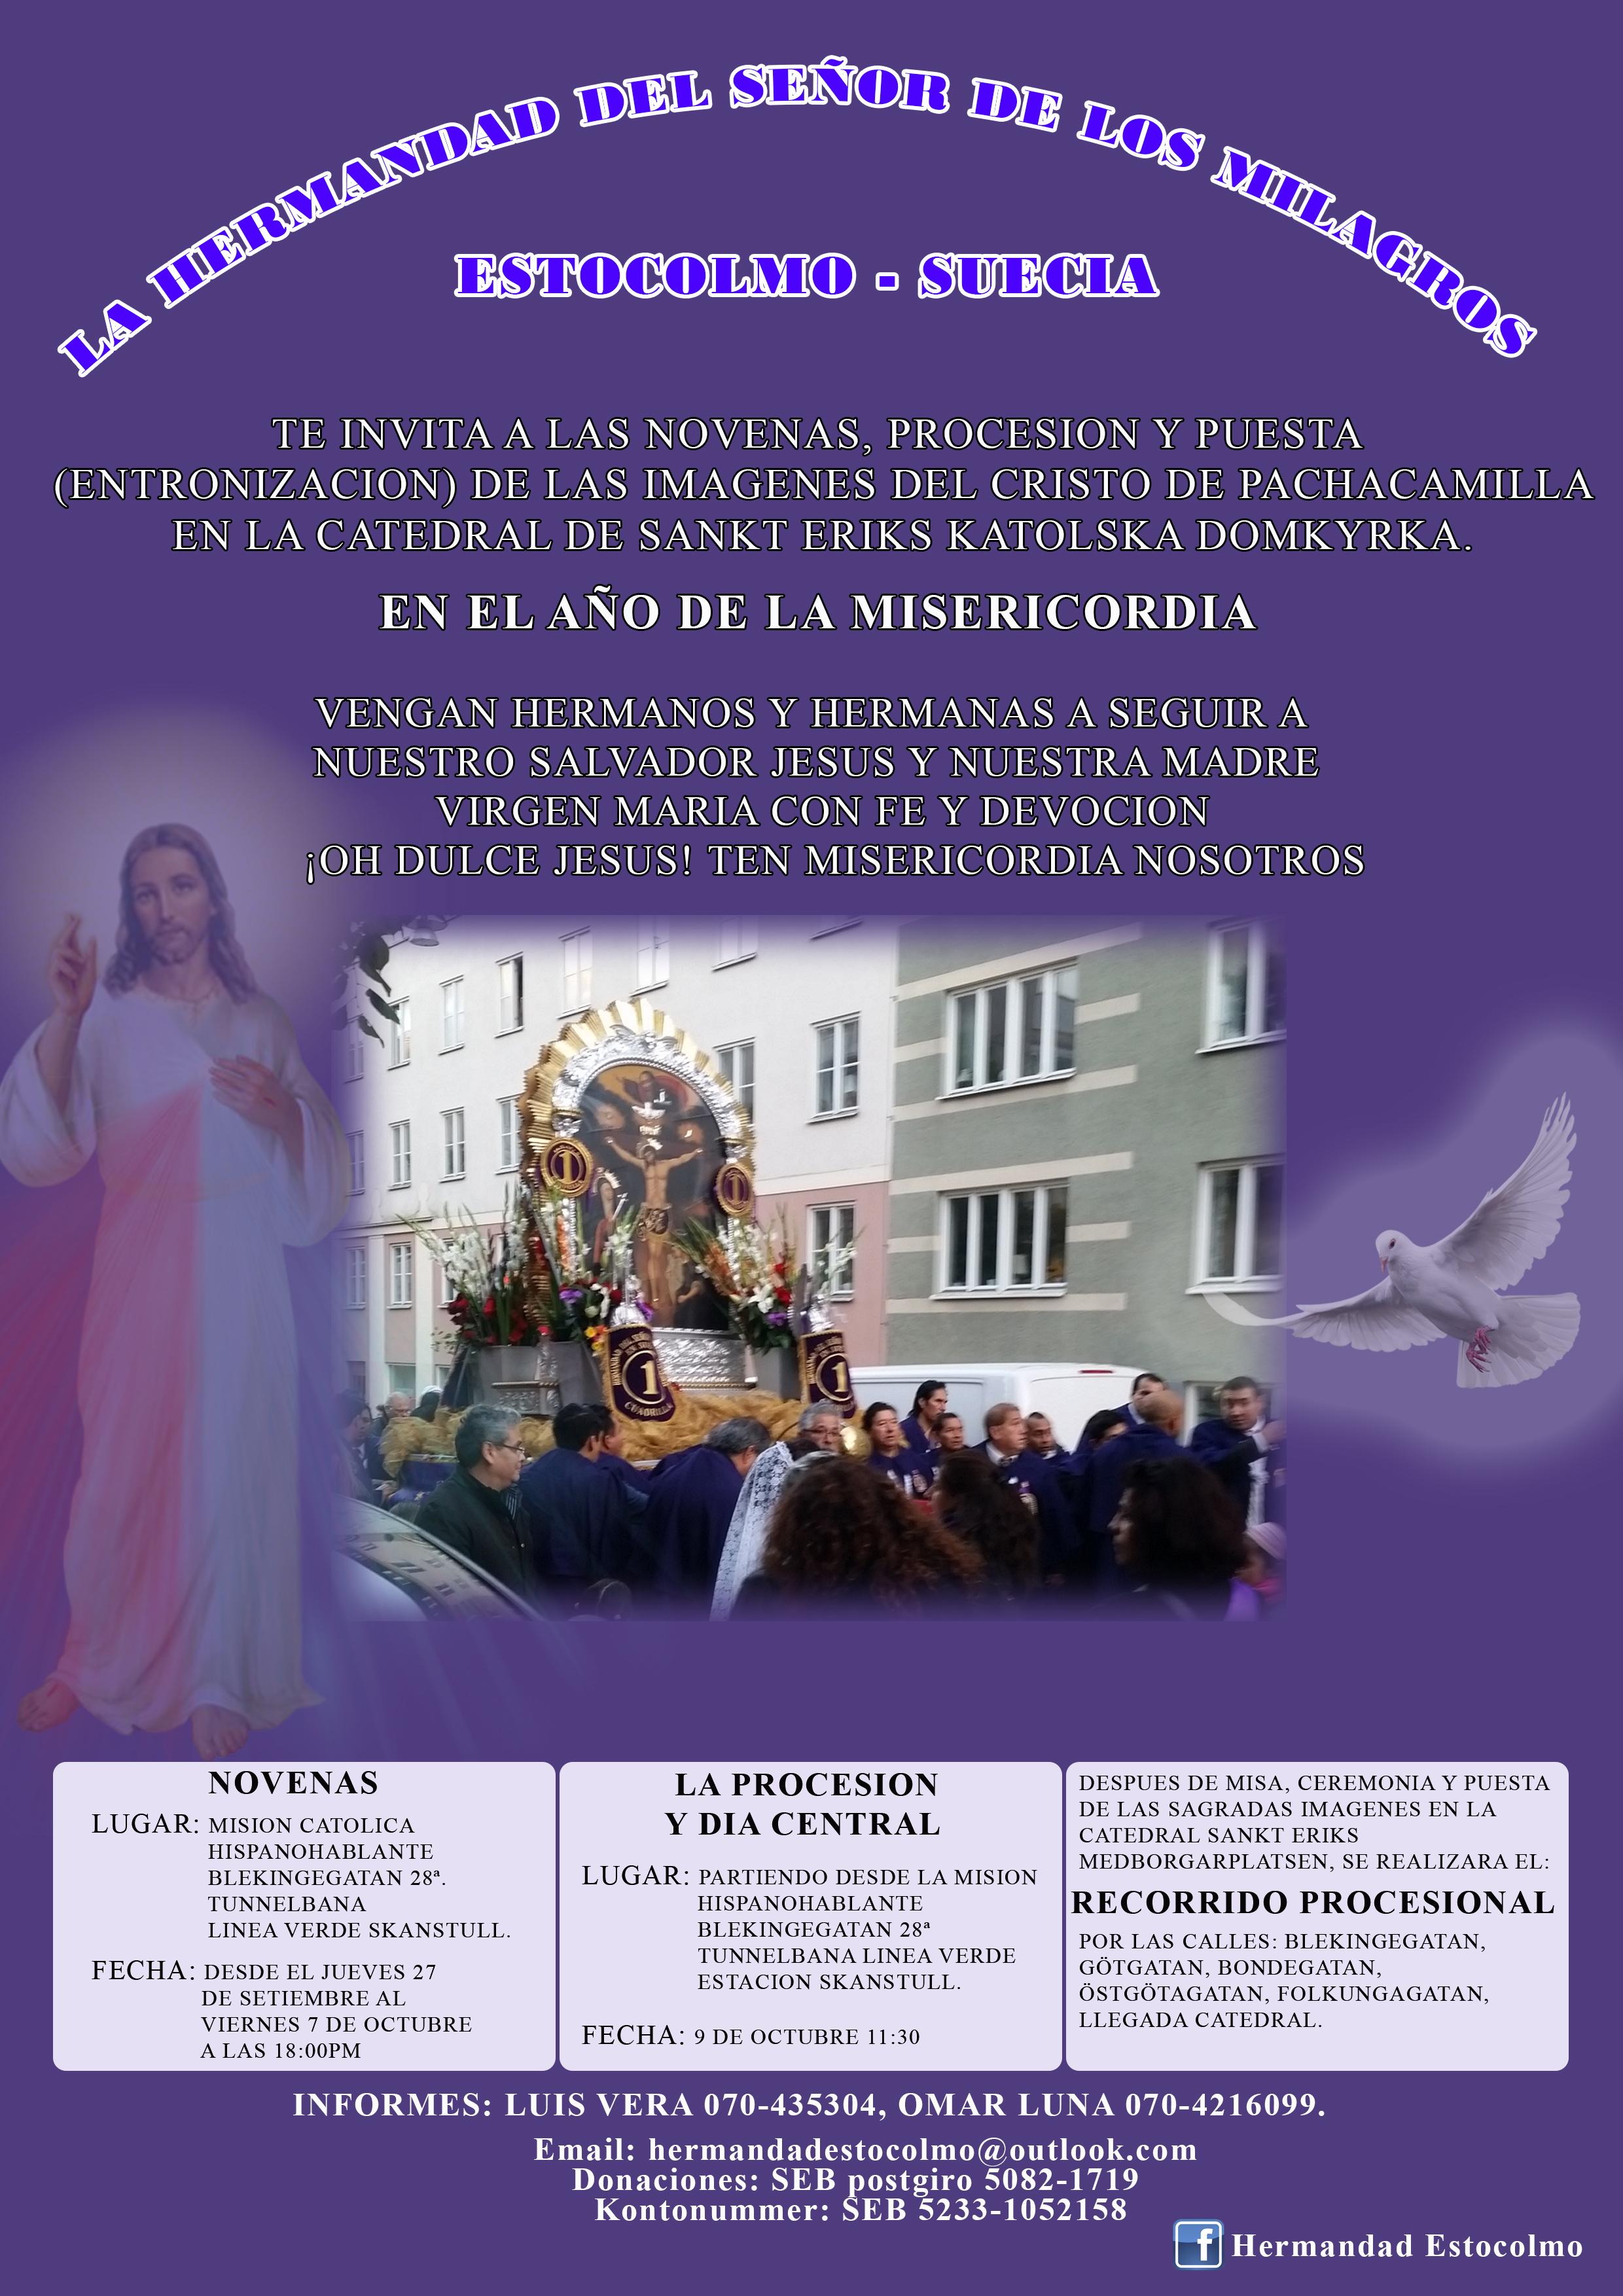 Invitación A Las Novenas Procesión Y Entronización De Las